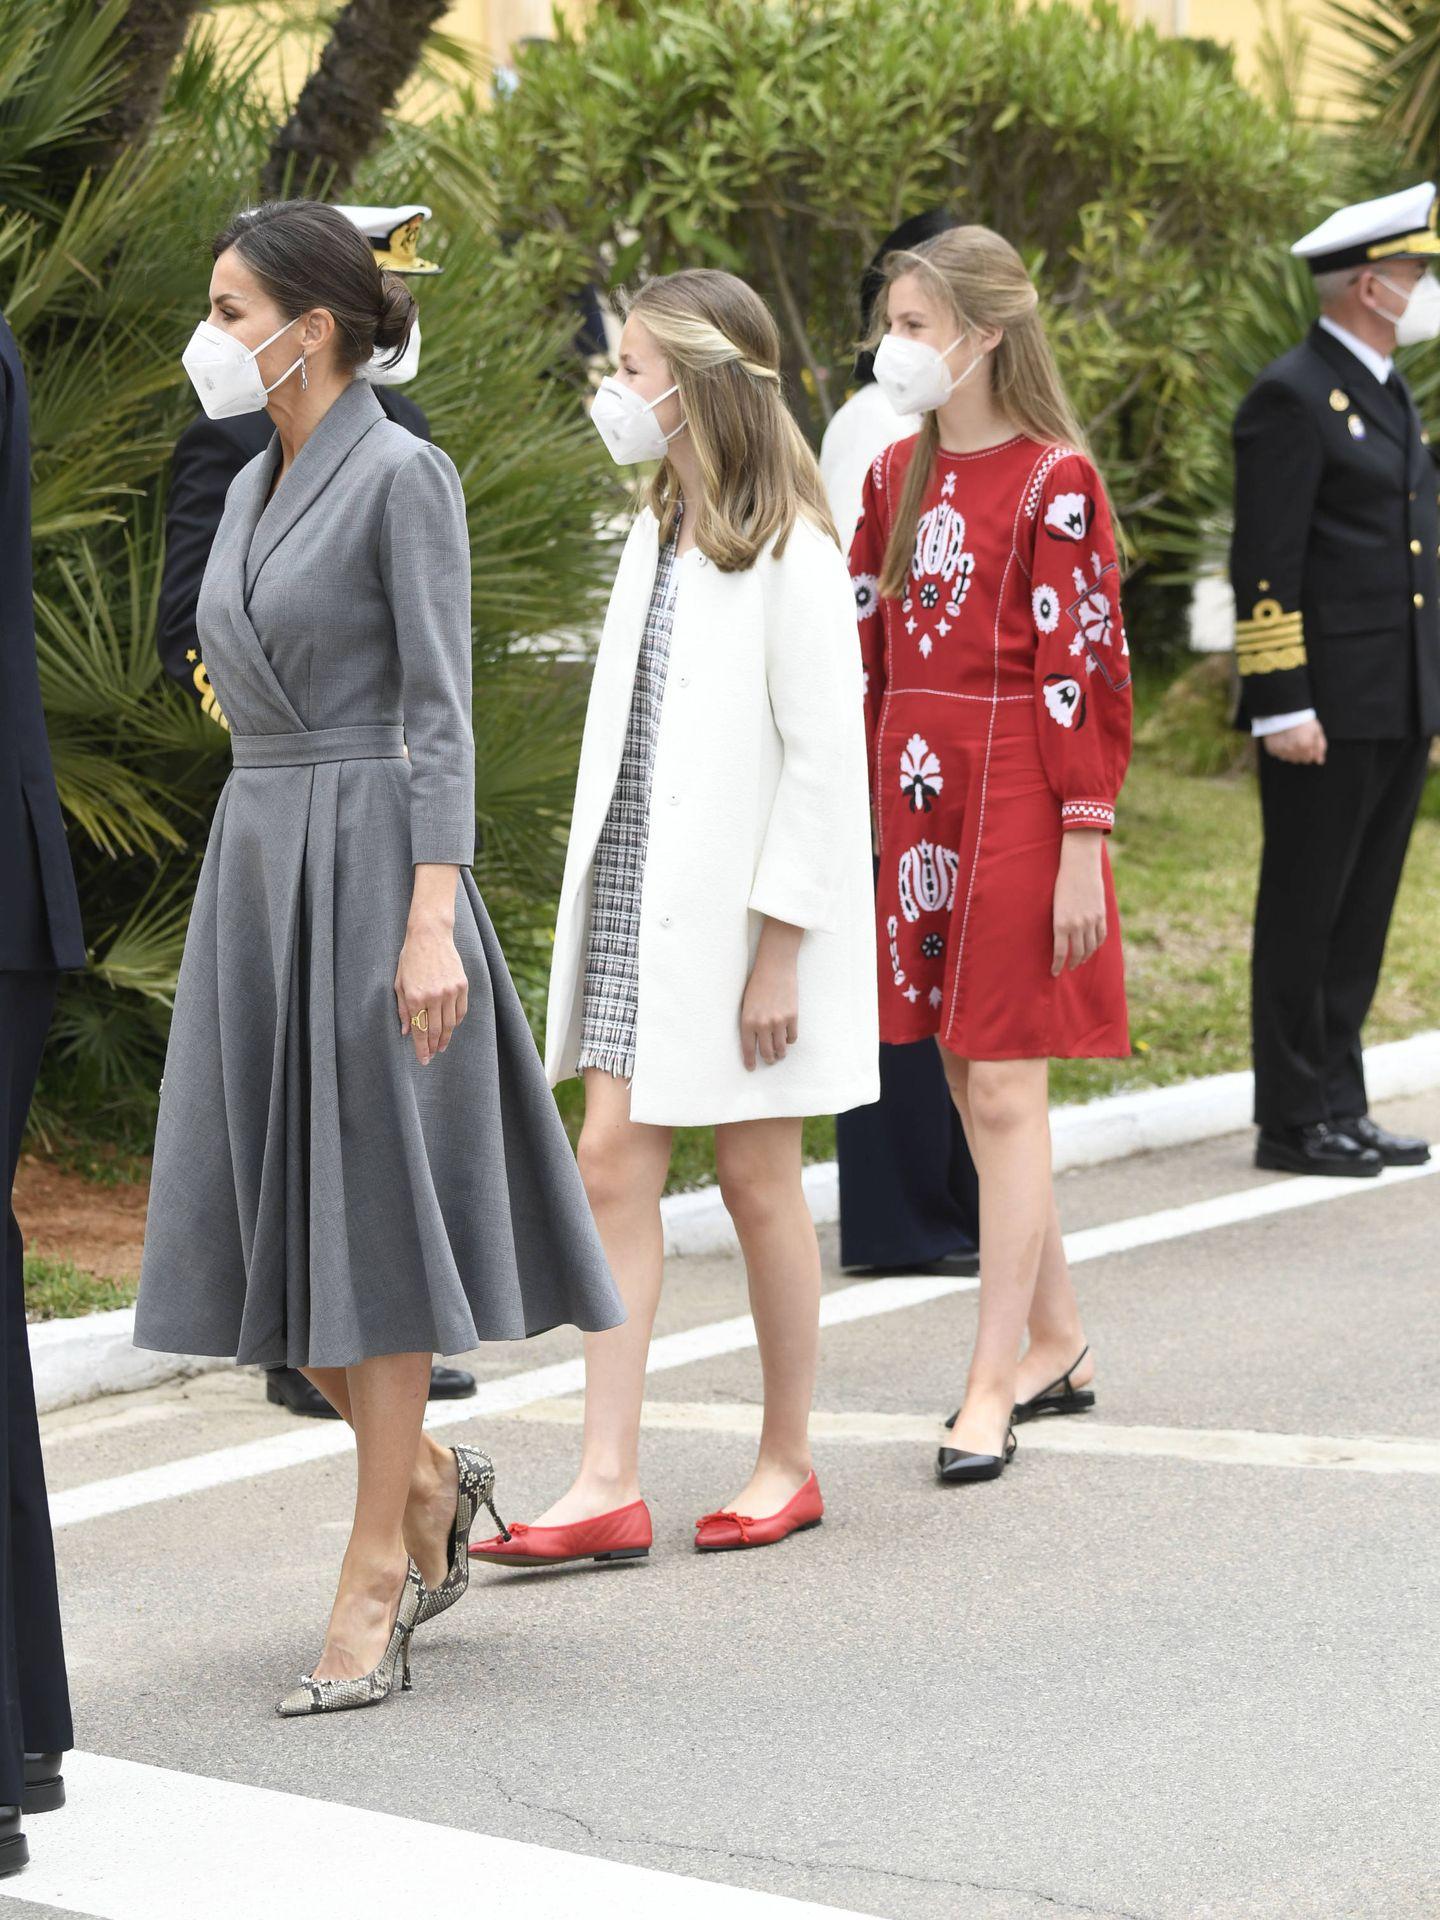 La reina Letizia, la princesa Leonor y la infanta Sofía en Cartagena. (Limited Pictures)